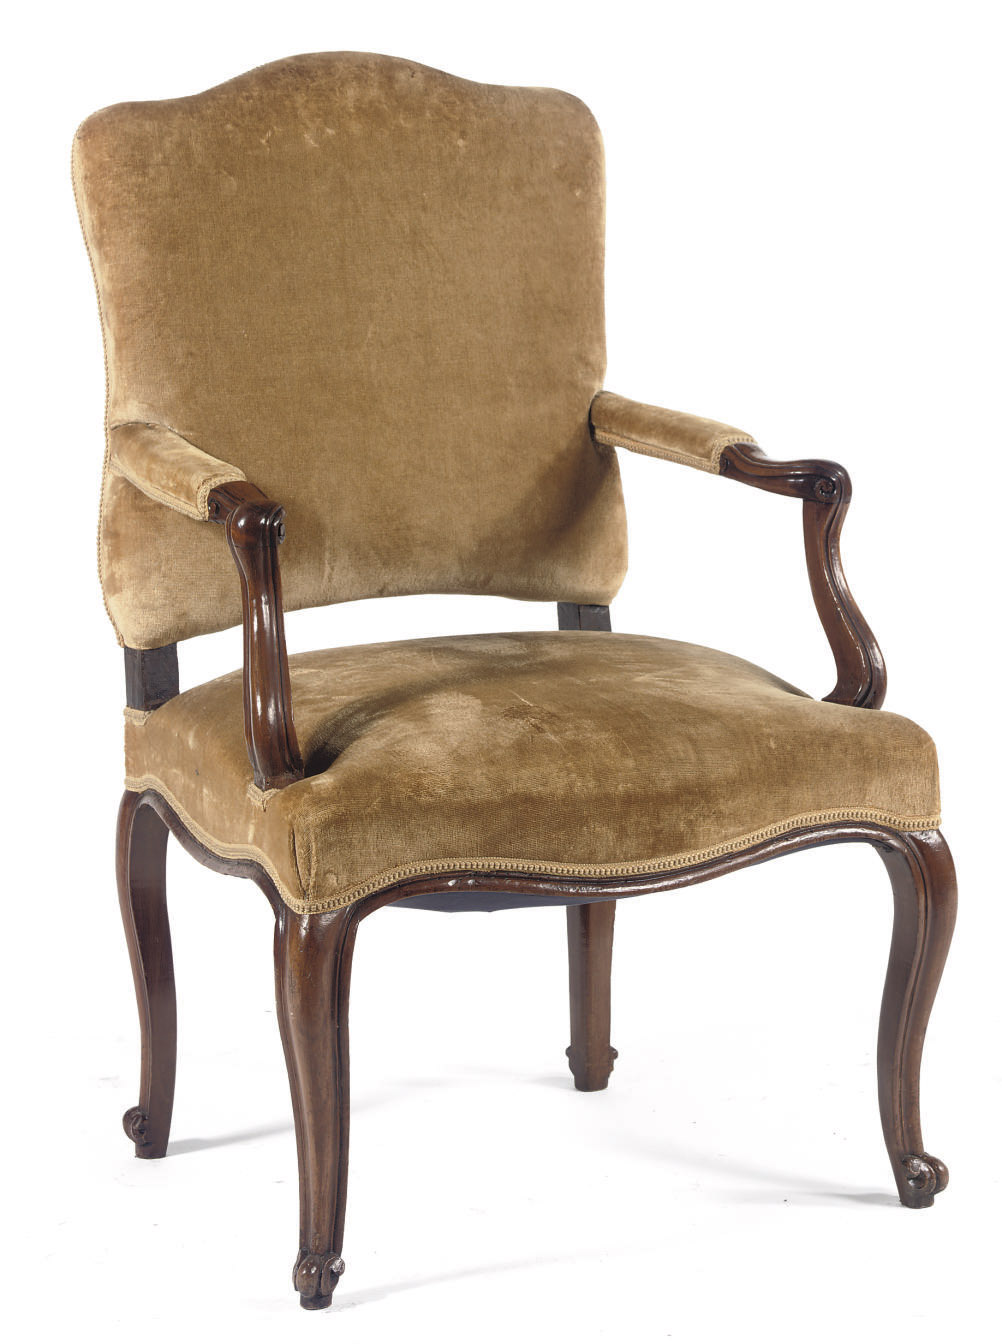 An Italian walnut armchair